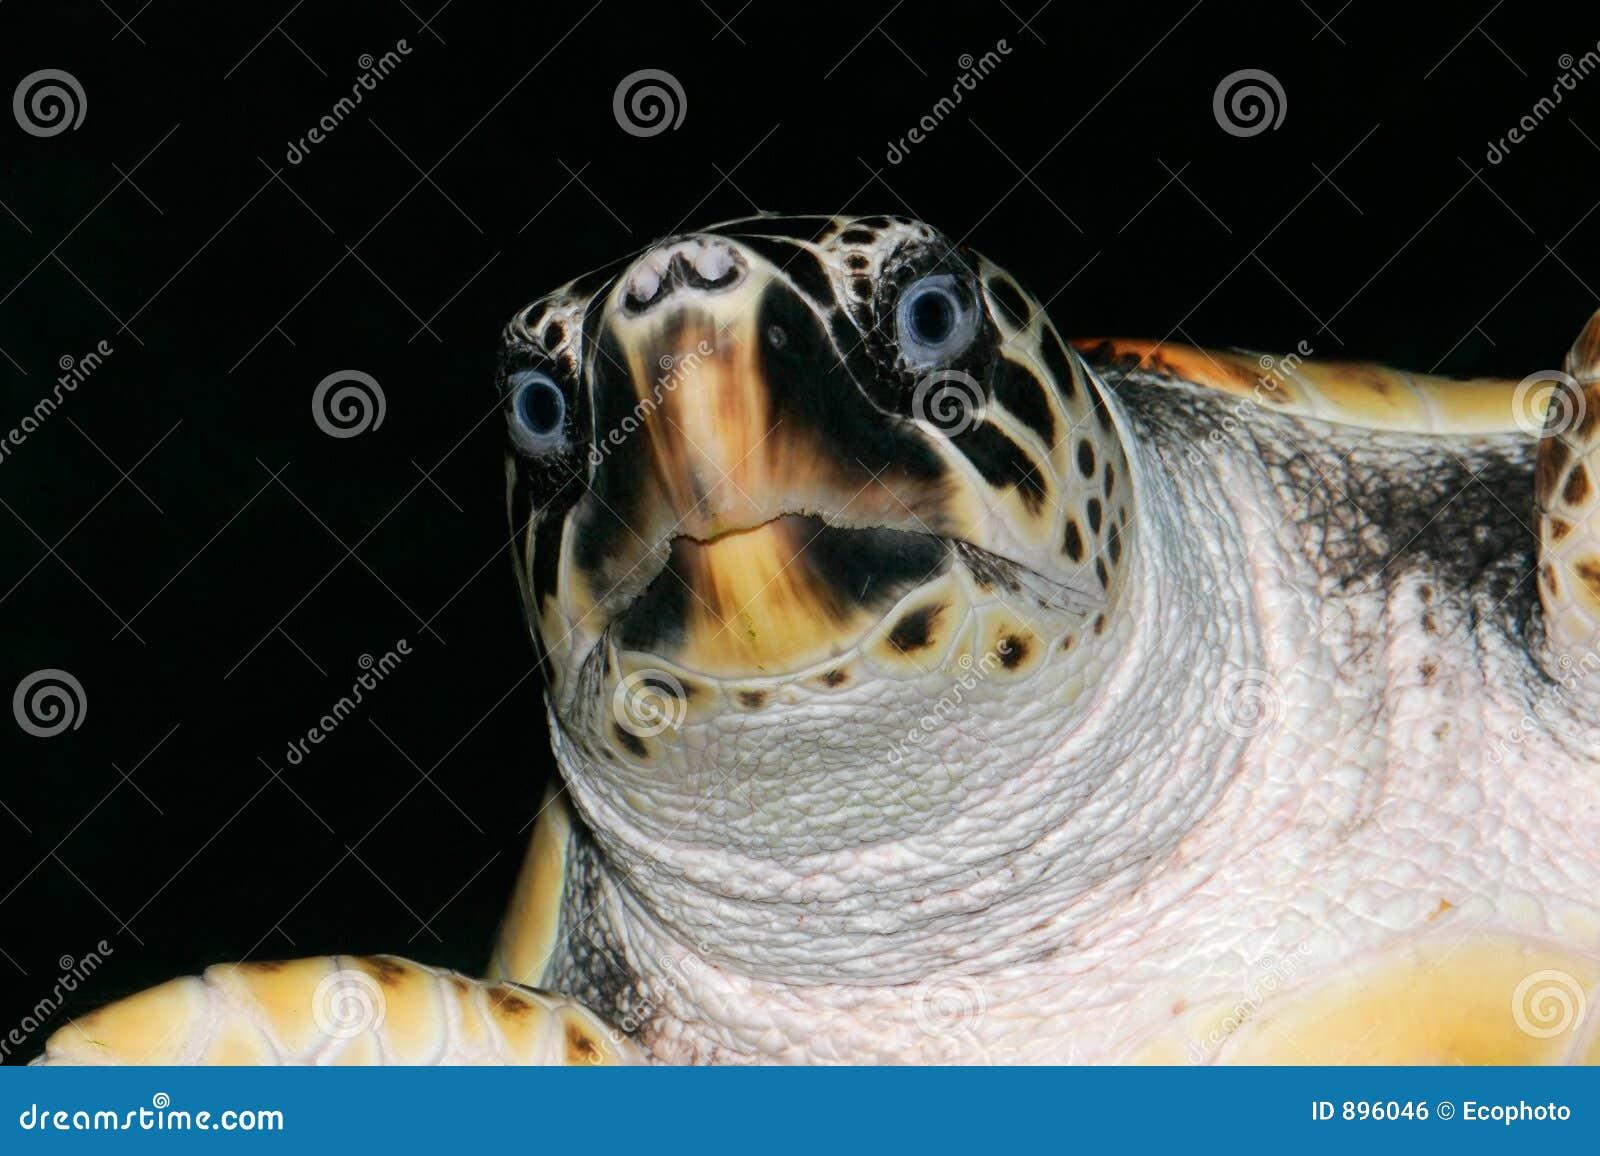 Kłótnia żółwia